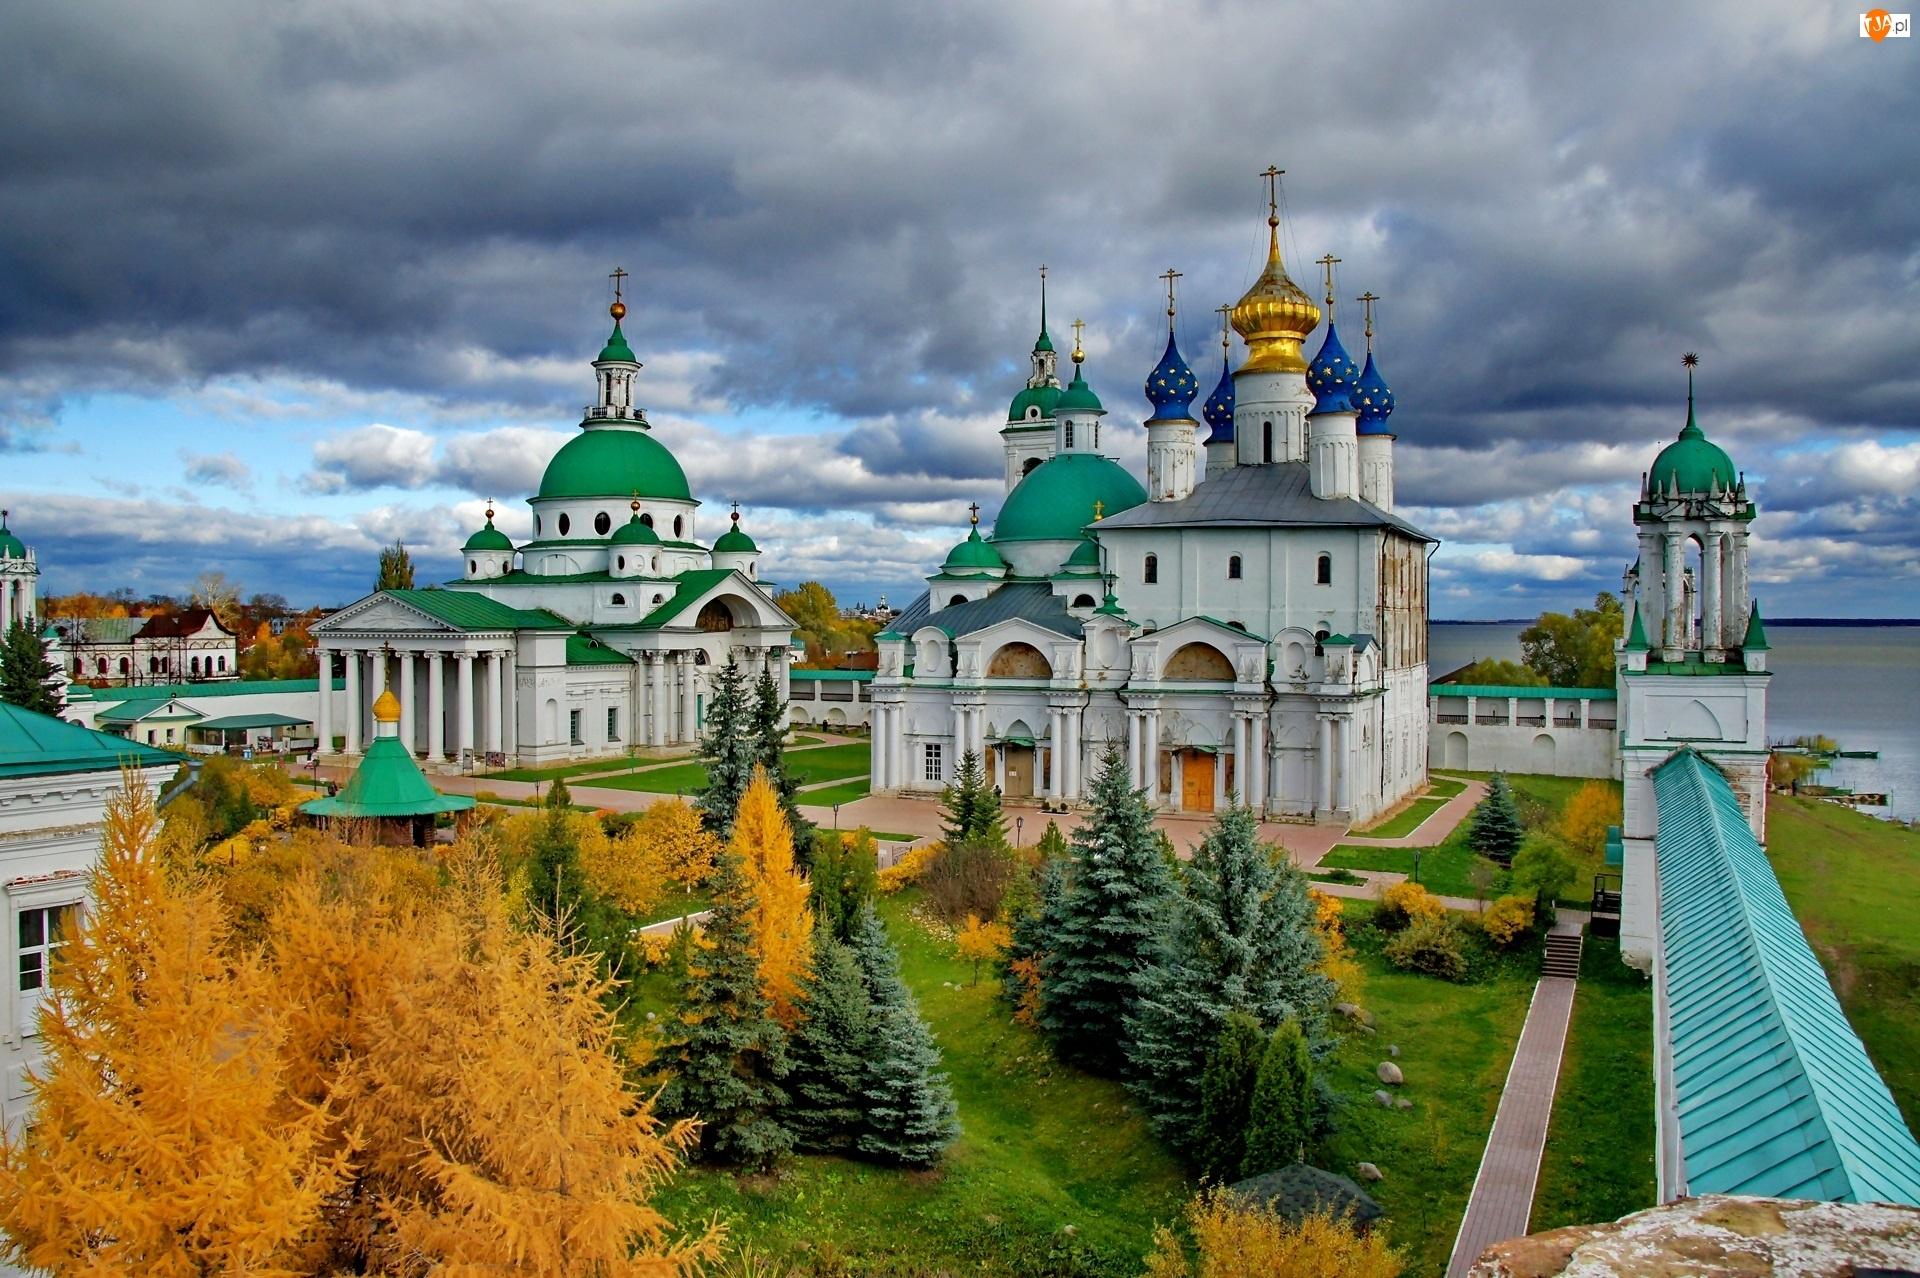 Monaster Przemienienia Pańskiego i św Jakuba, Cerkwie, Rostów, Rosja, Klasztor, Obwód jarosławski